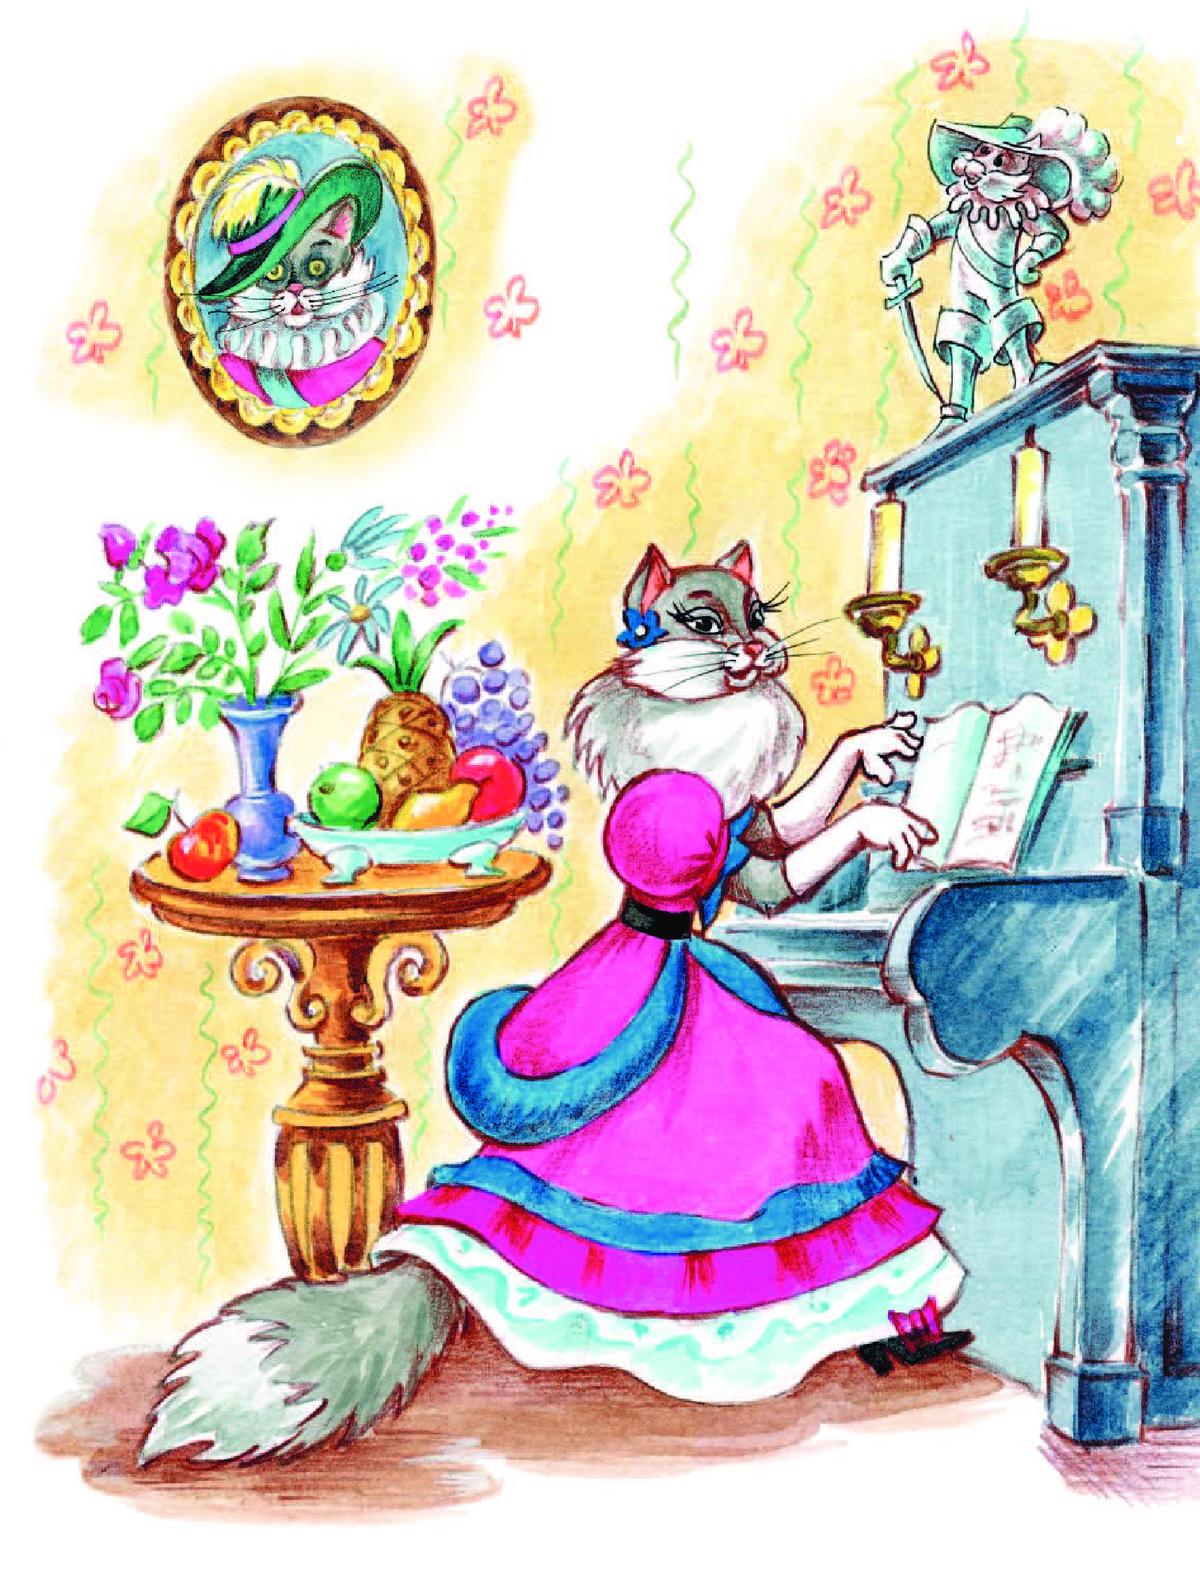 самуил маршак кошкин дом в картинках ценовому сегменту